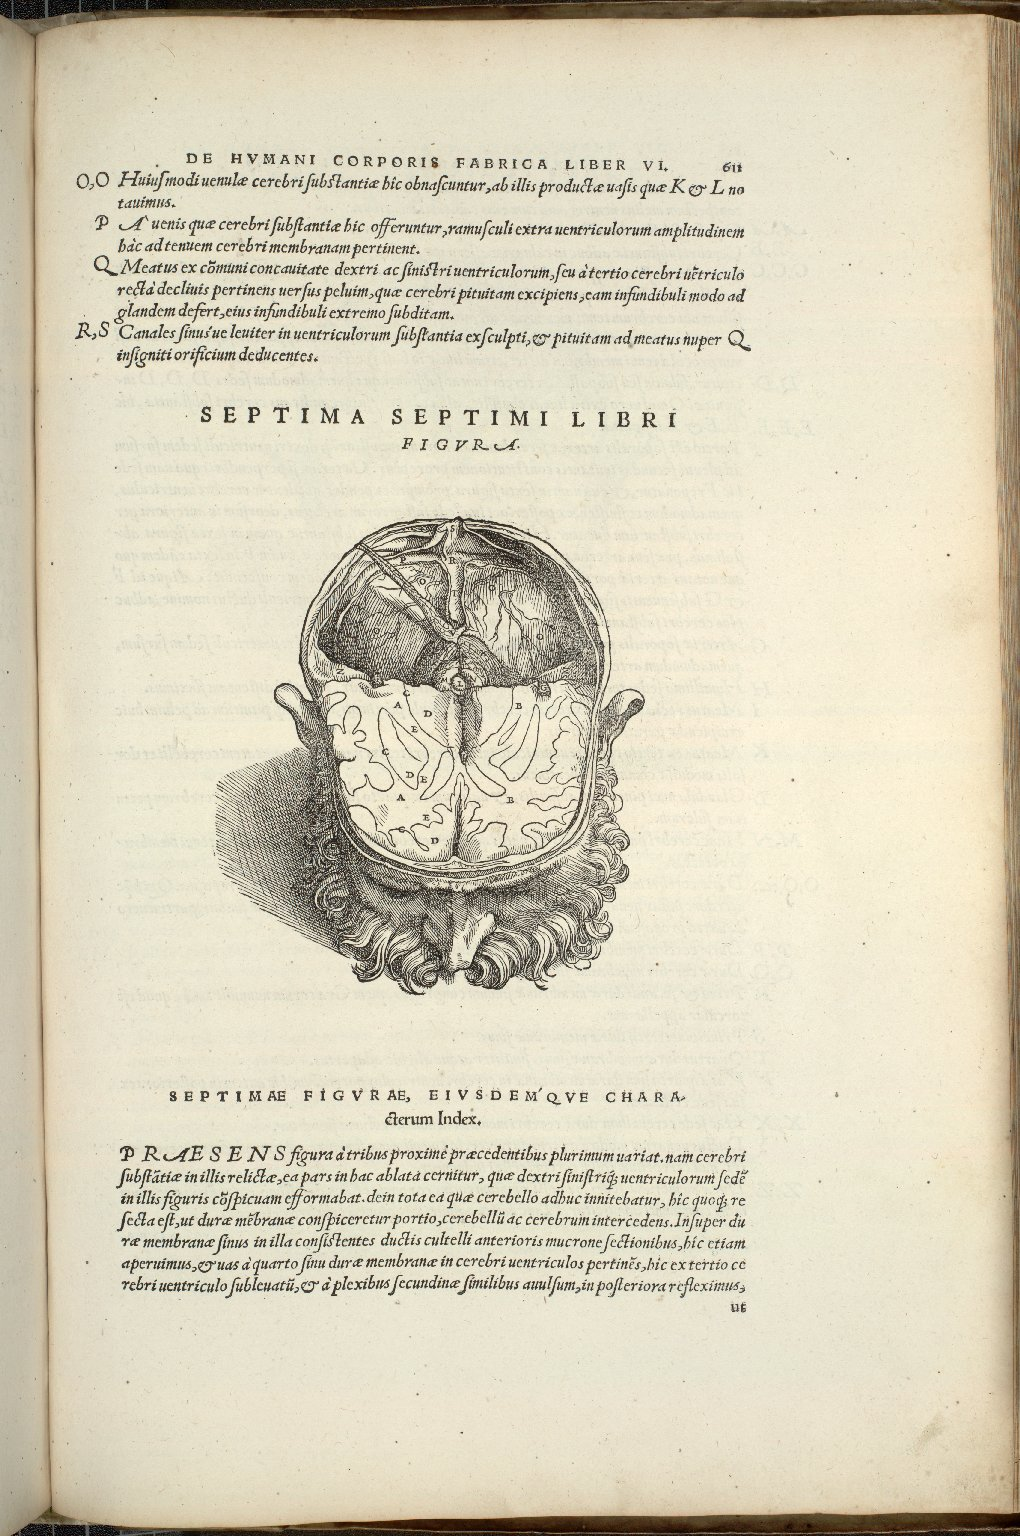 Septima Septimi Libra Figura